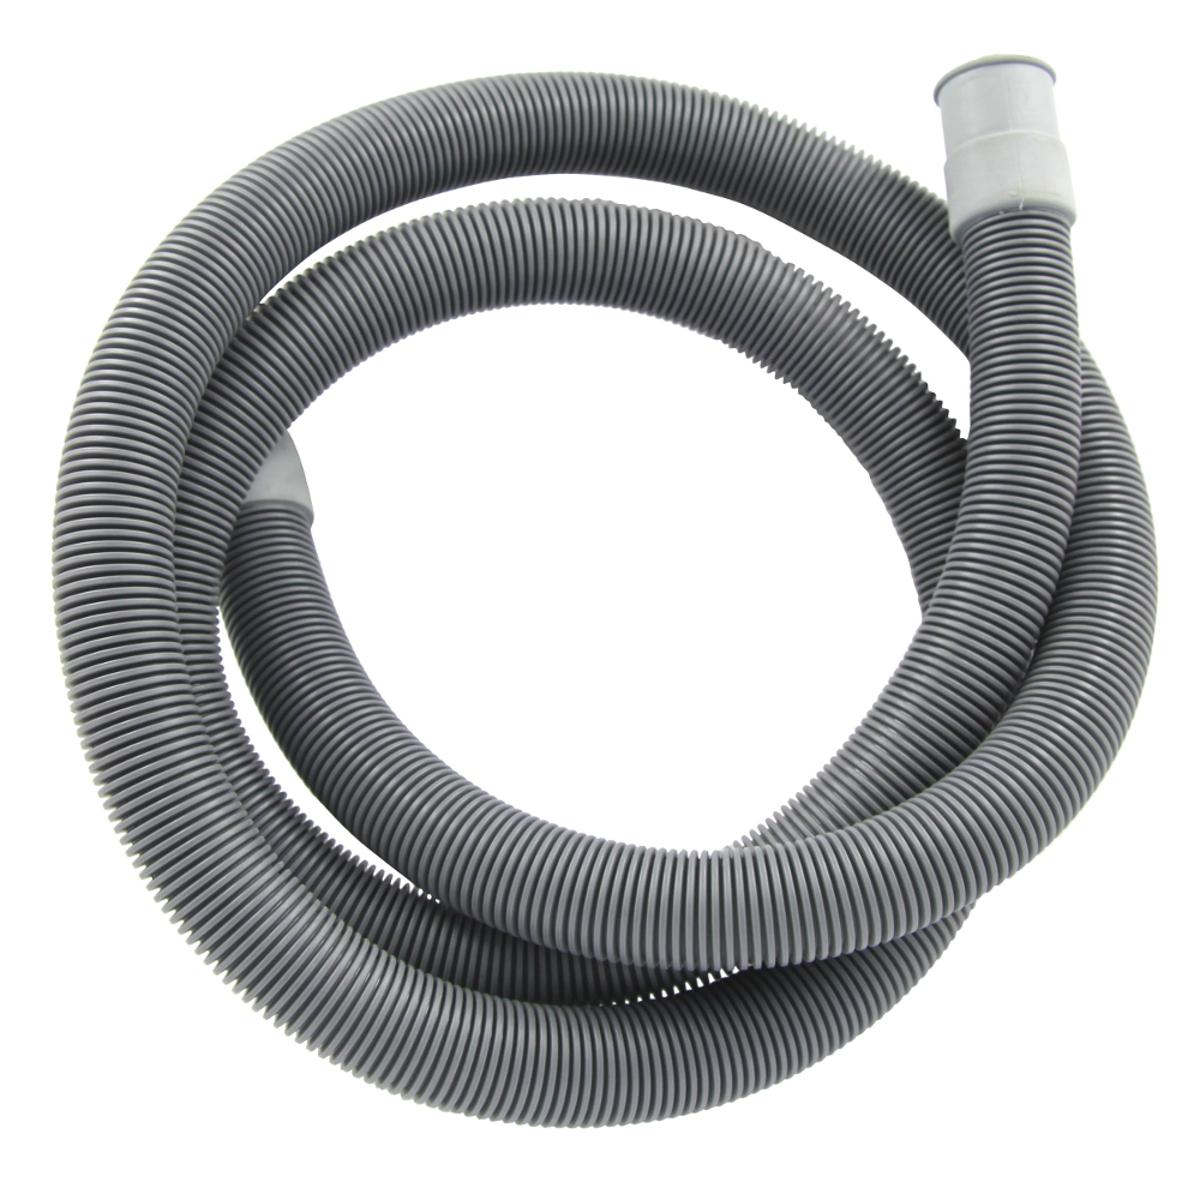 Шланг сливной для стиральной машины, 5м ЗИП-ФЛЕКСИС.100326Шланг сливной предназначен для отведения использованной воды в систему канализацииДлина 5 метров. Россия.